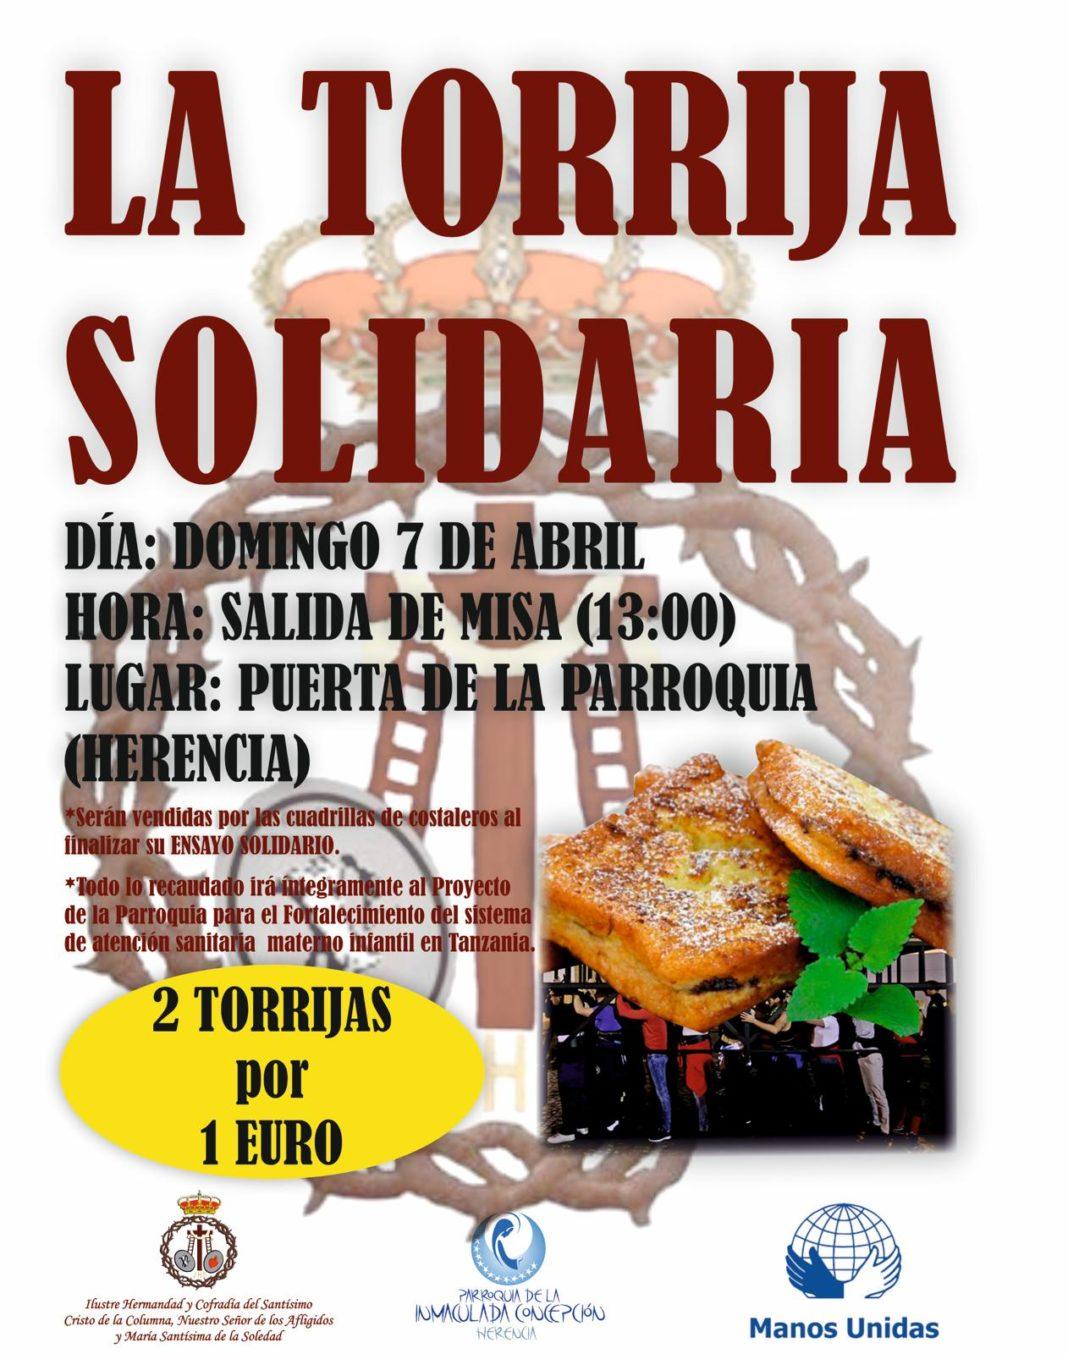 Torrija solidaria 1068x1354 - Los costaleros de El Santo realizarán un ensayo solidario con venta de torrijas